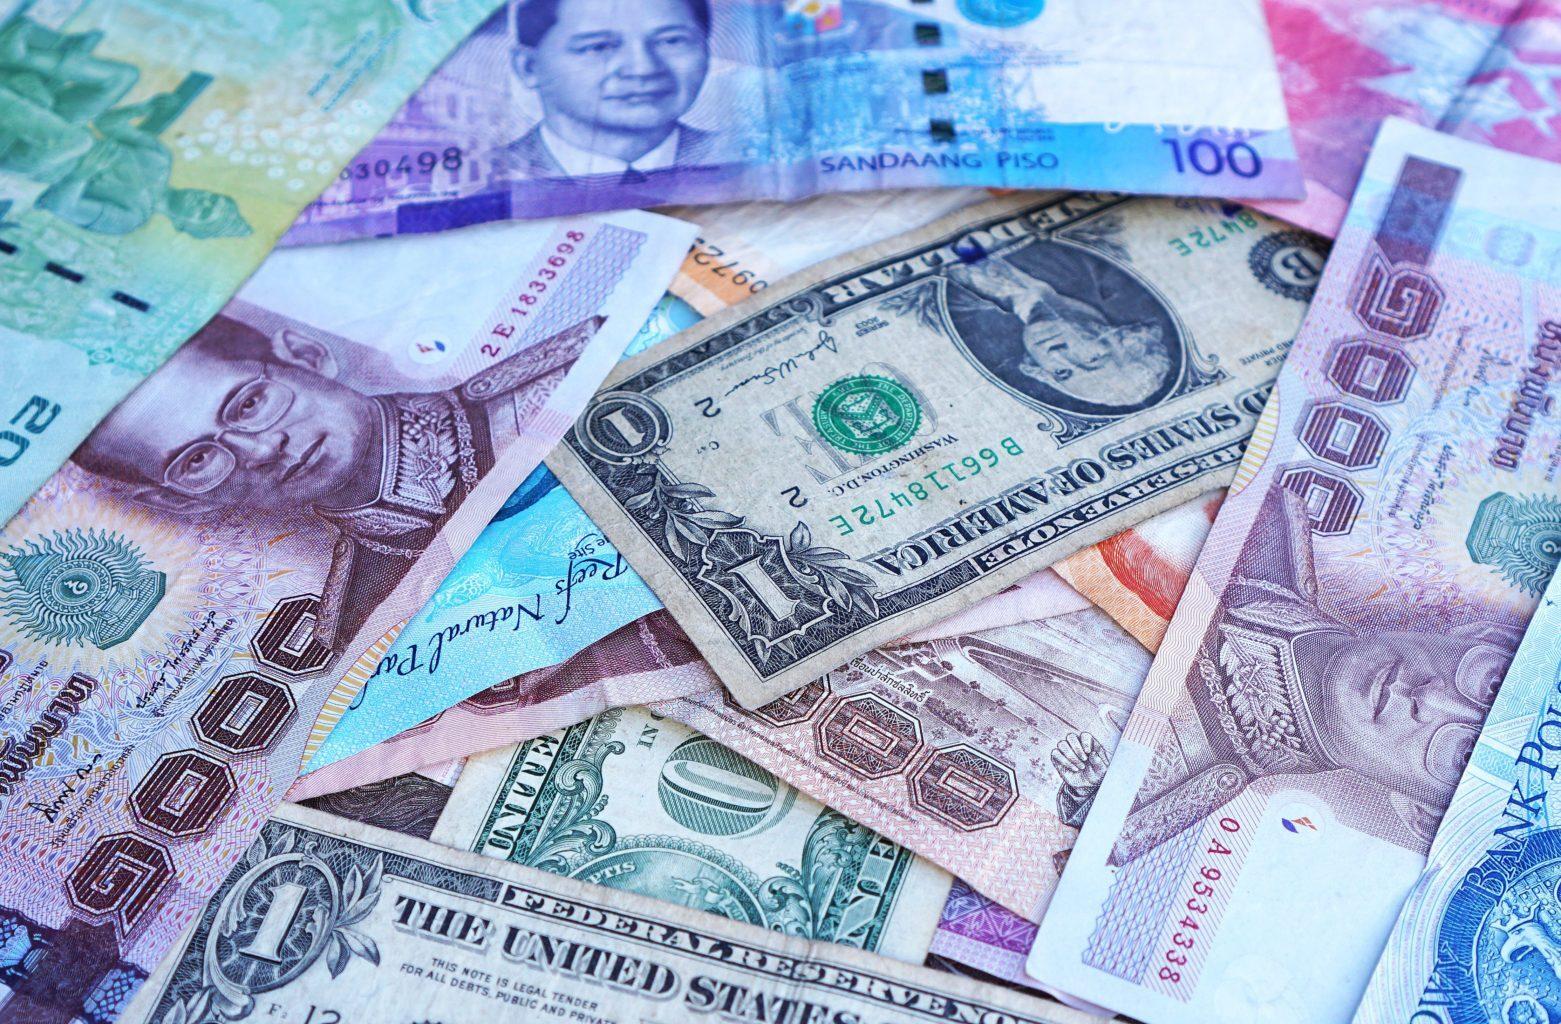 Os Euromercados – Principal fonte de crédito em dólar